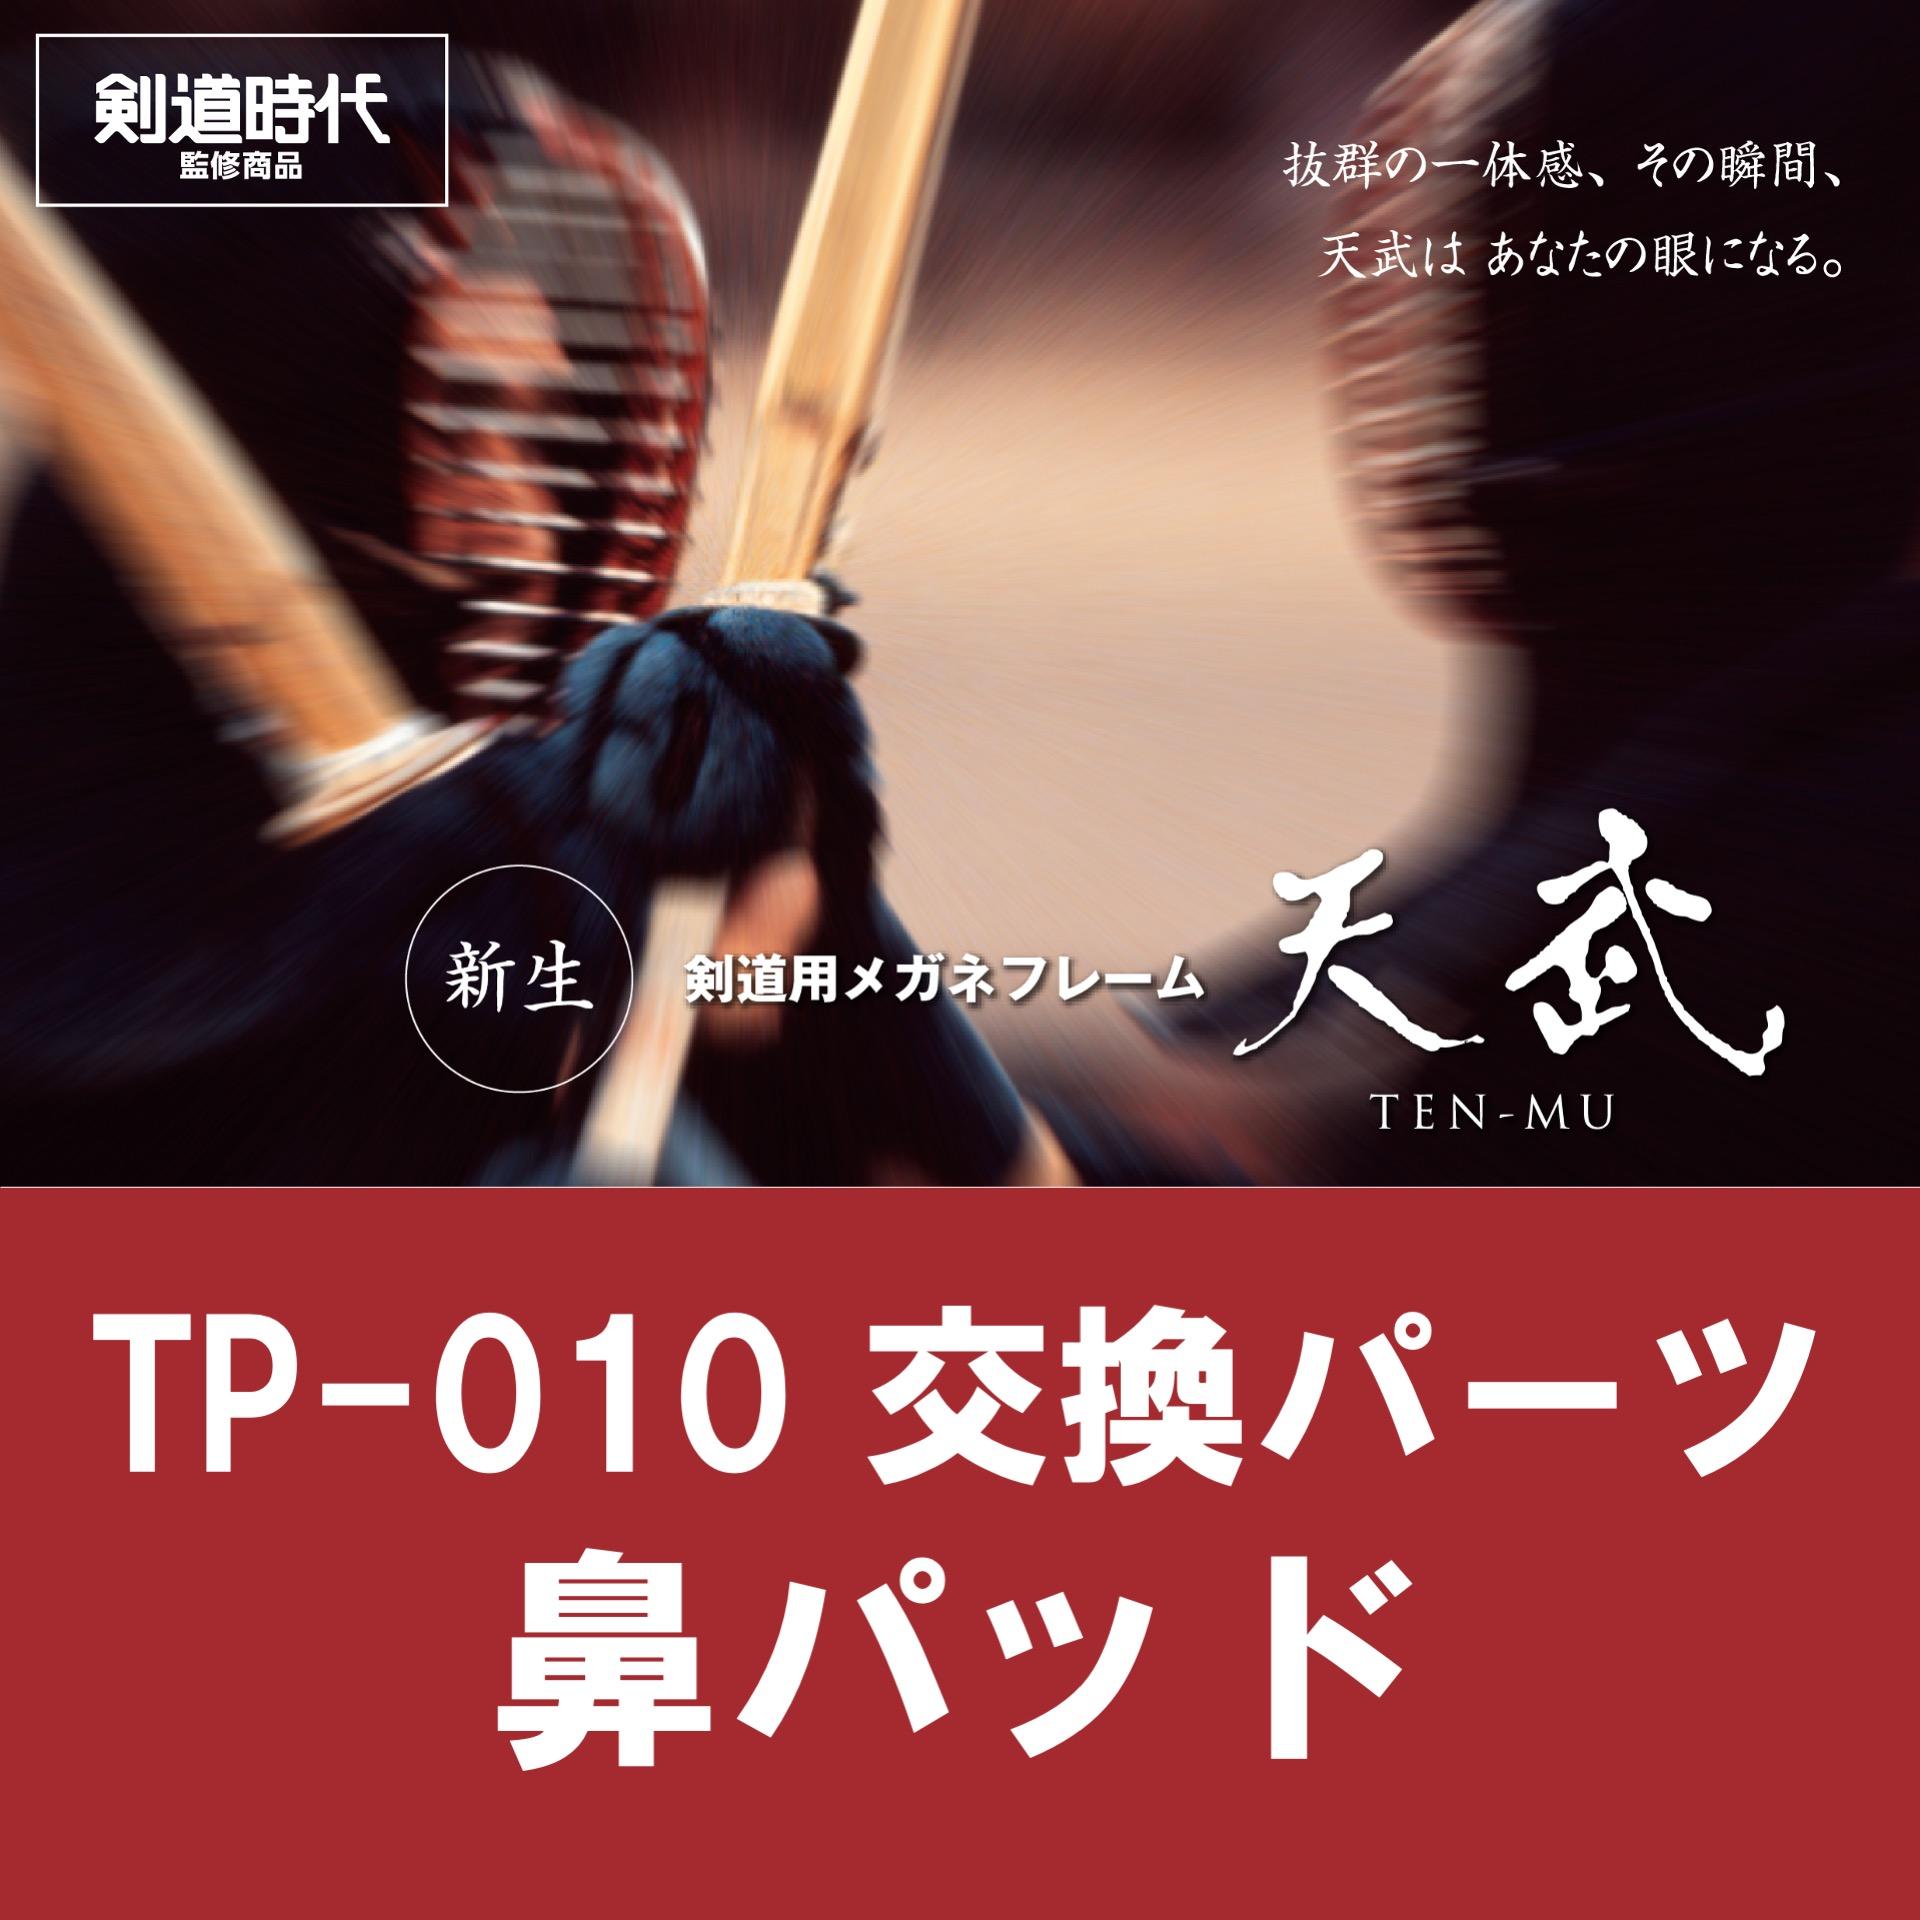 和真オリジナル商品 使い勝手の良い 天武TP-010 G0232476 交換用鼻パッド 『1年保証』